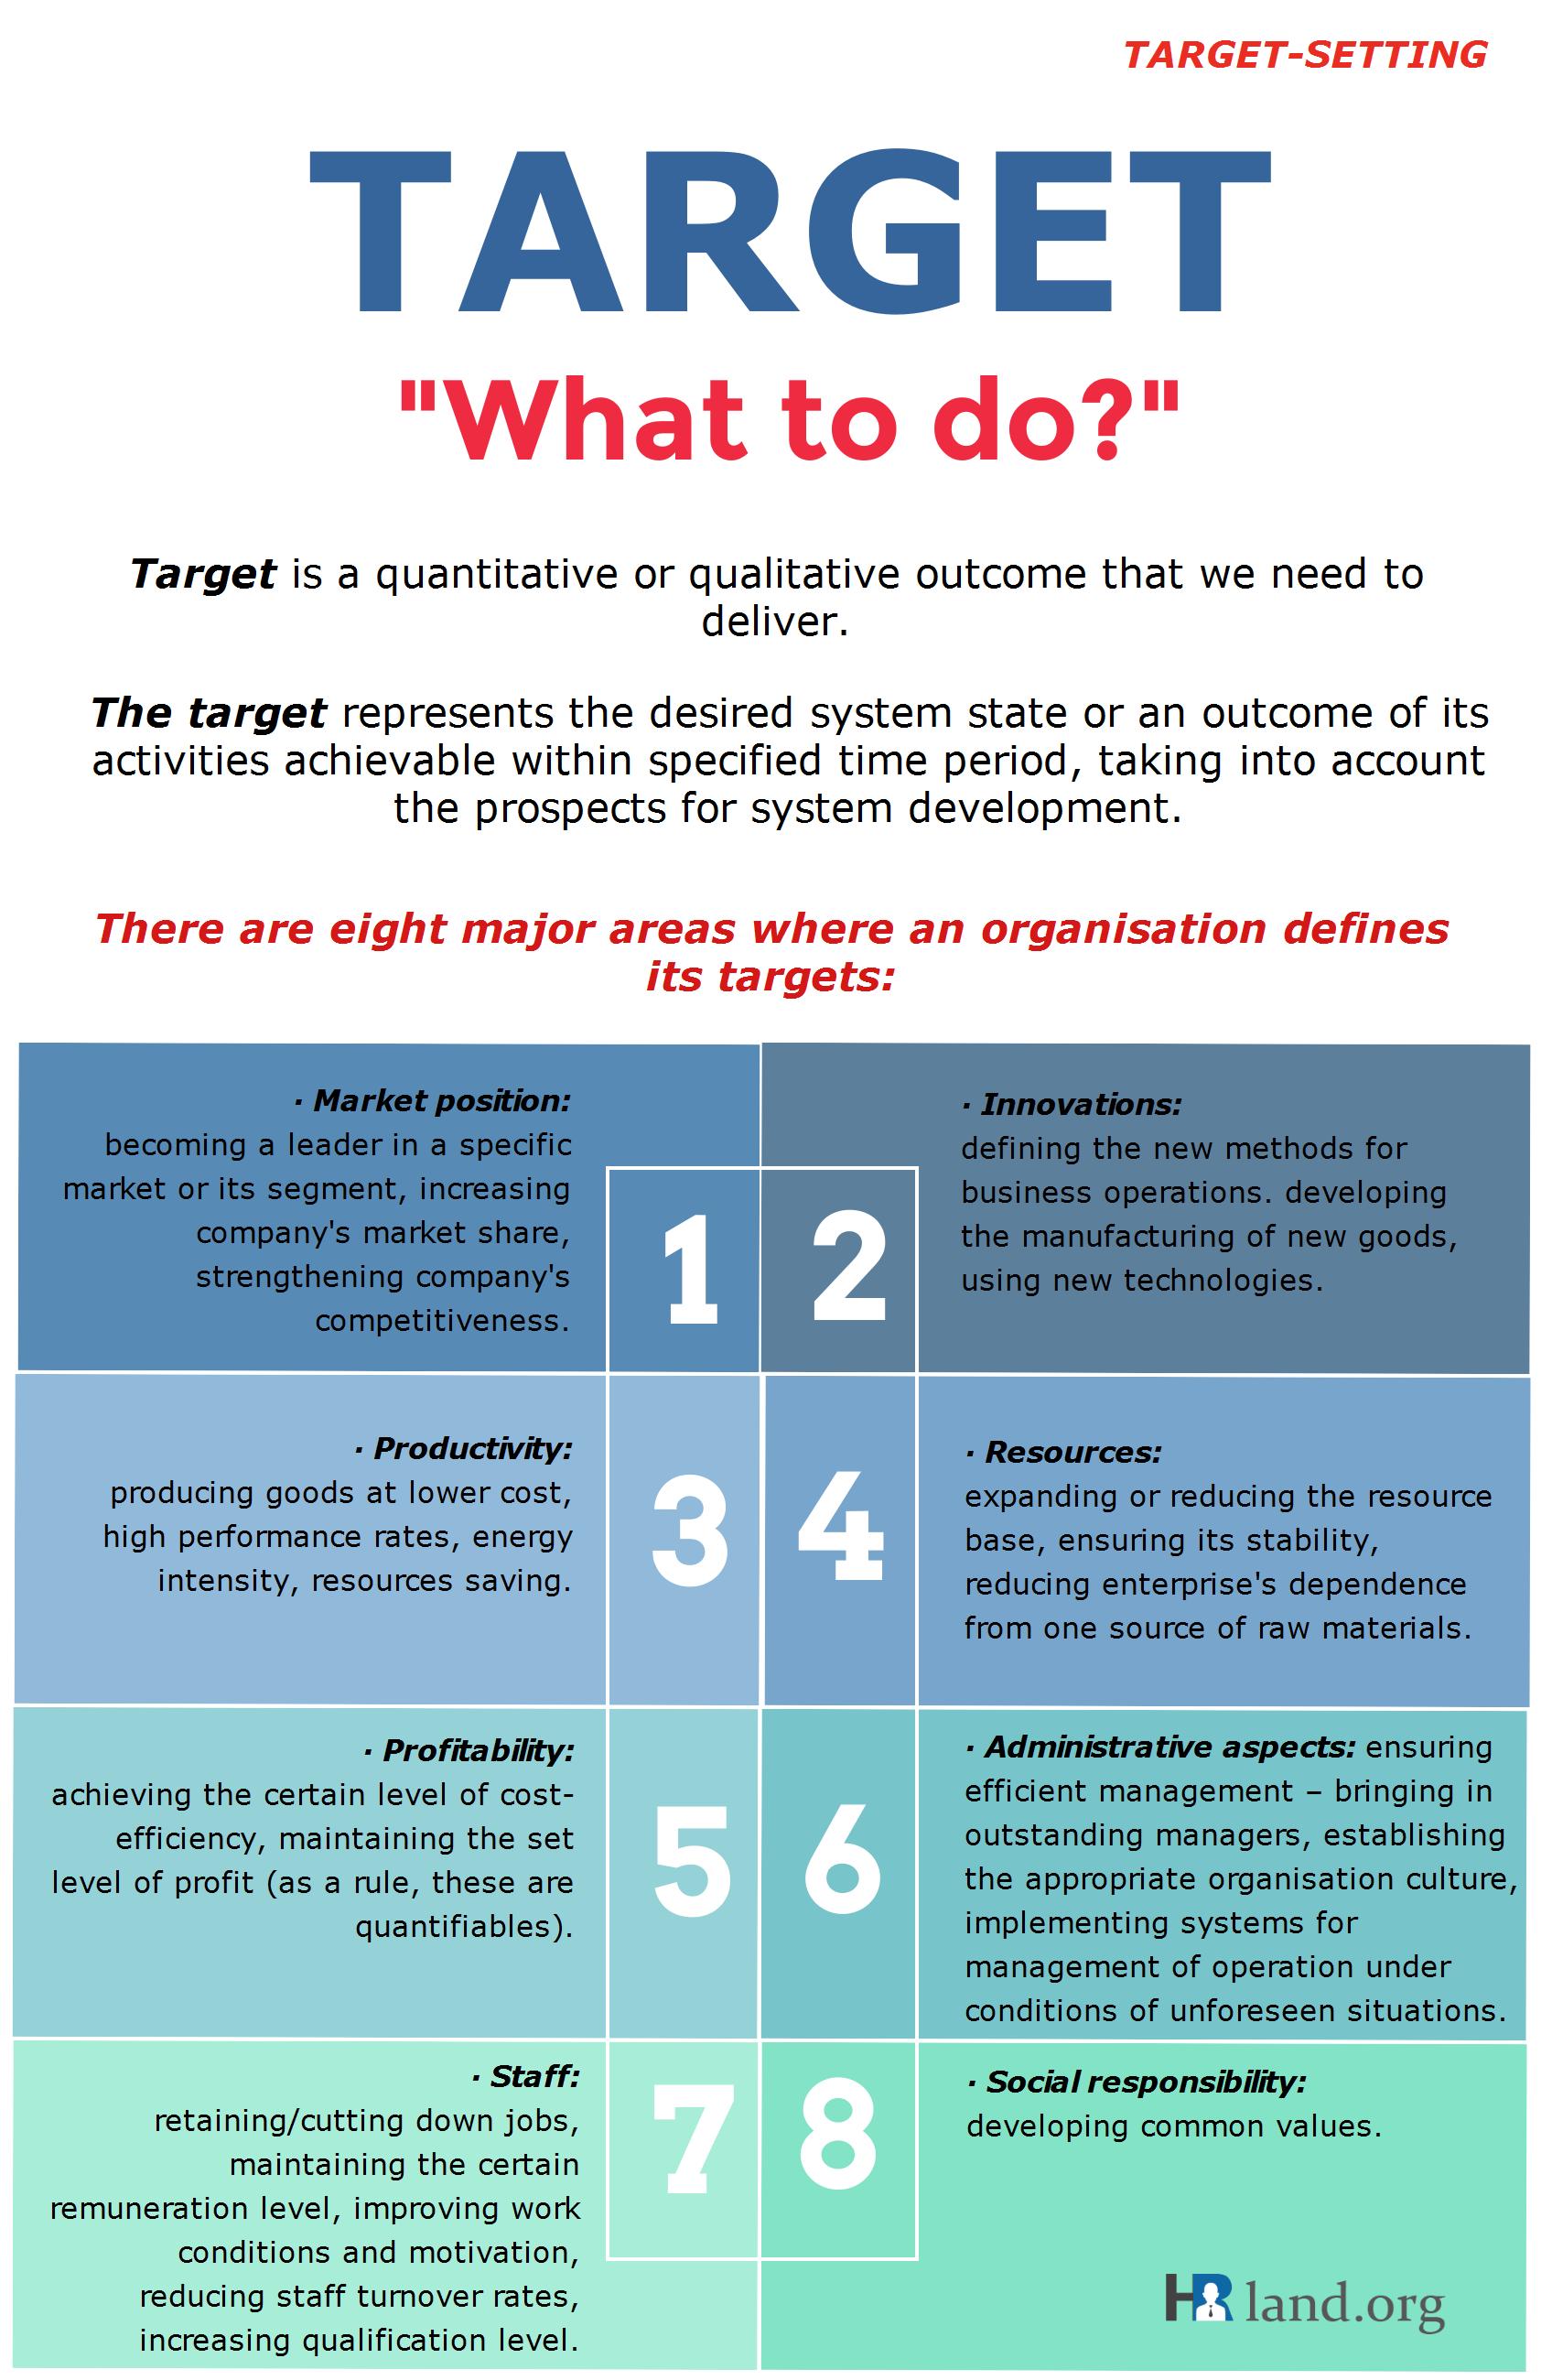 TARGET_Target-setting